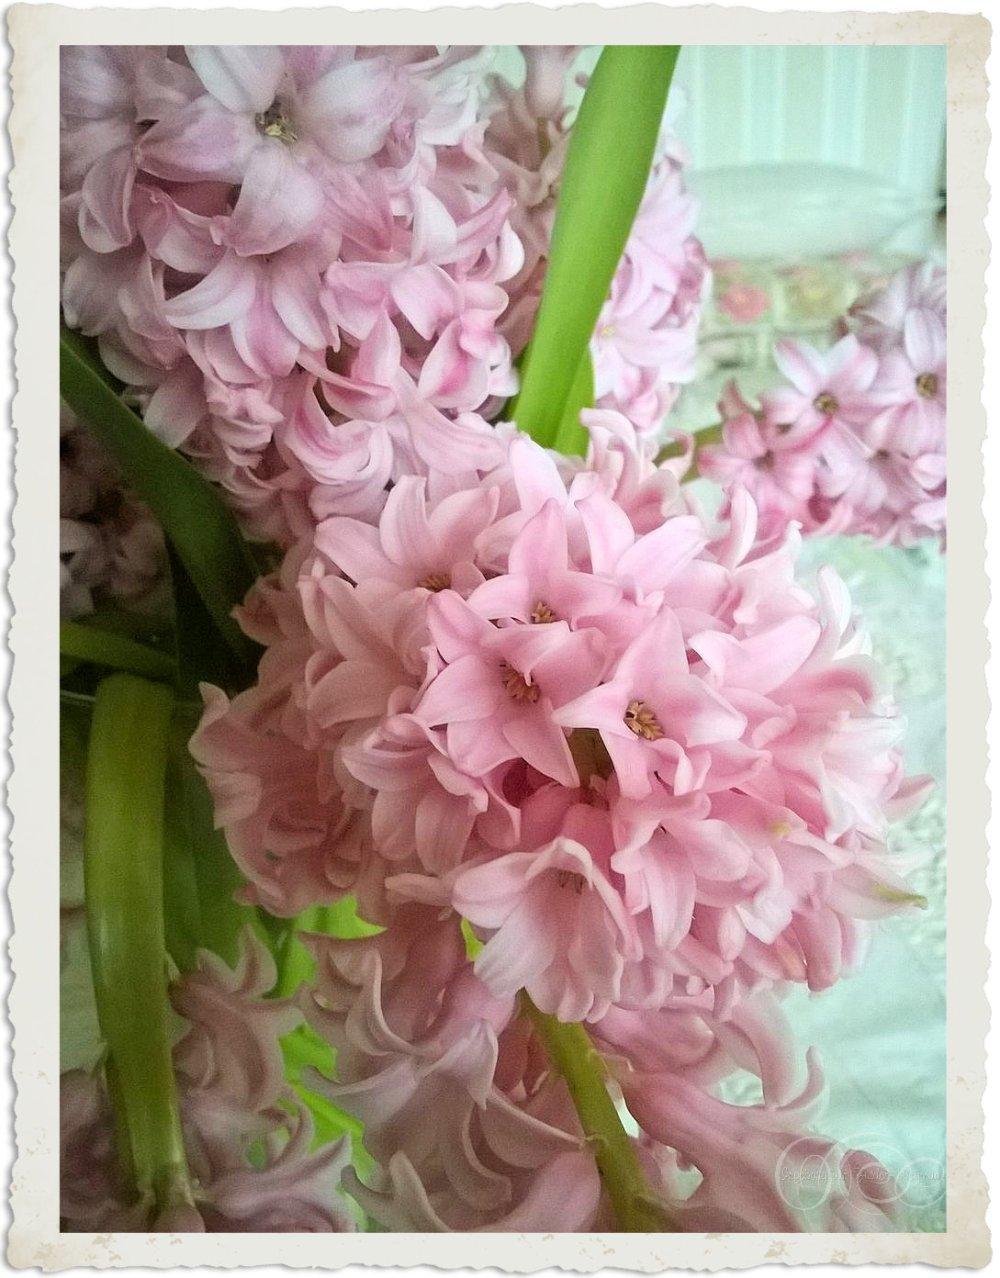 Pretty pink spring